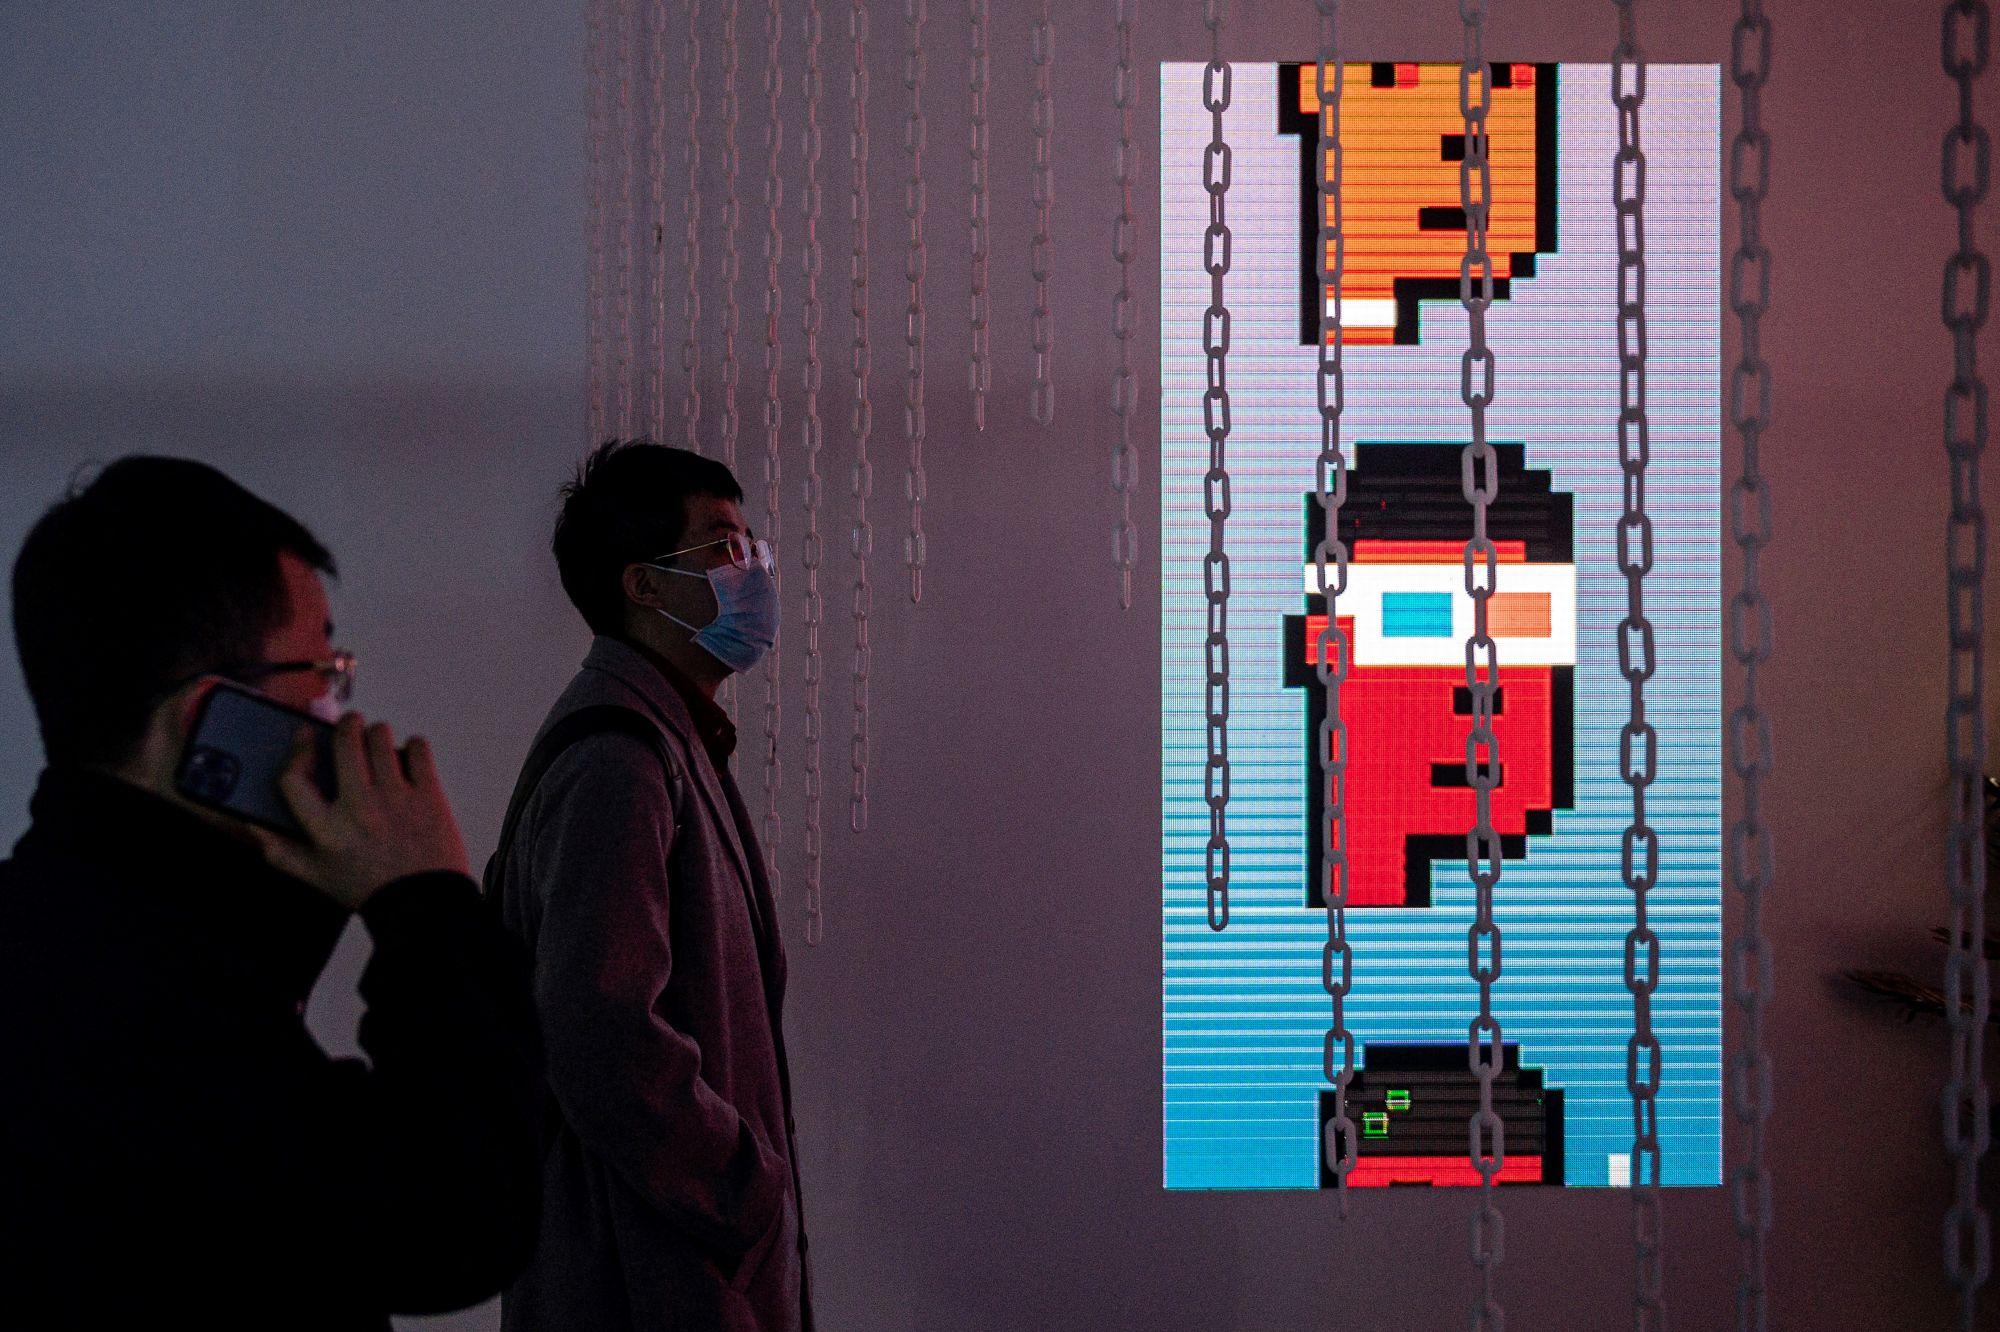 Дилан Филд. CryptoPunk #7804. Пиксель-арт размером всего 24 х 24 точки. Работа продана за 7,5 миллиона долларов